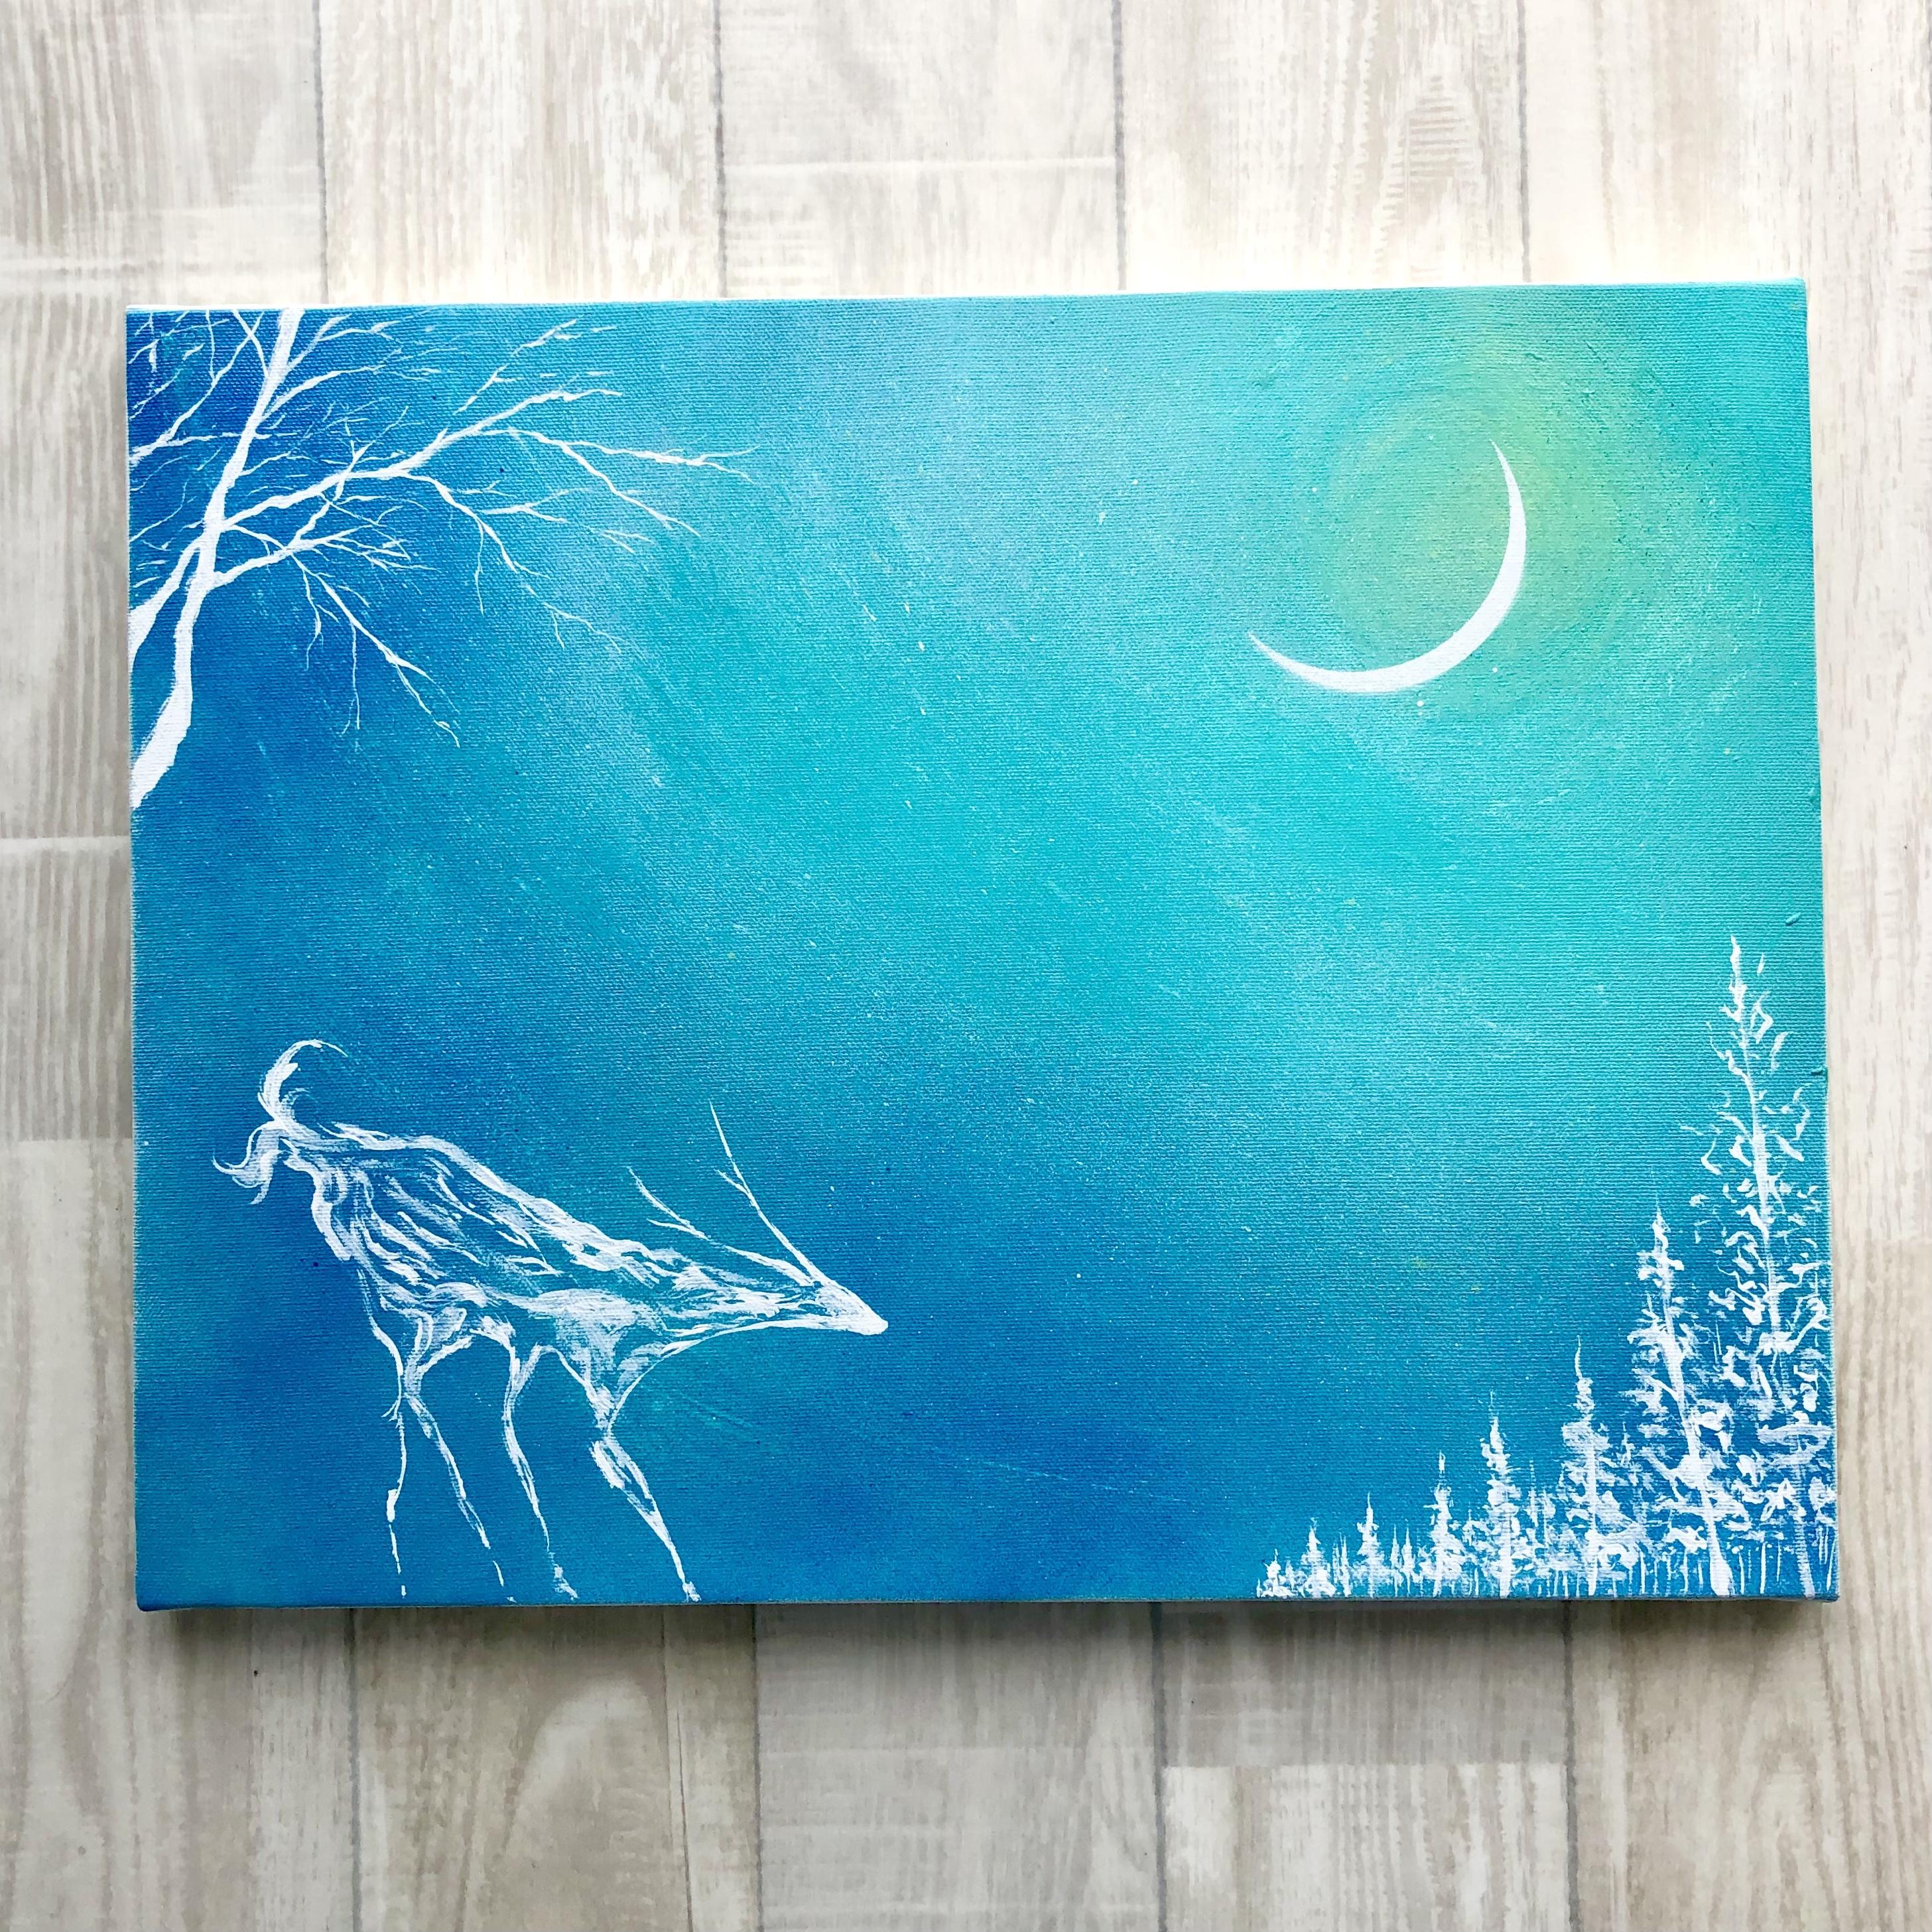 「月夜」キャンバスパネル風景画